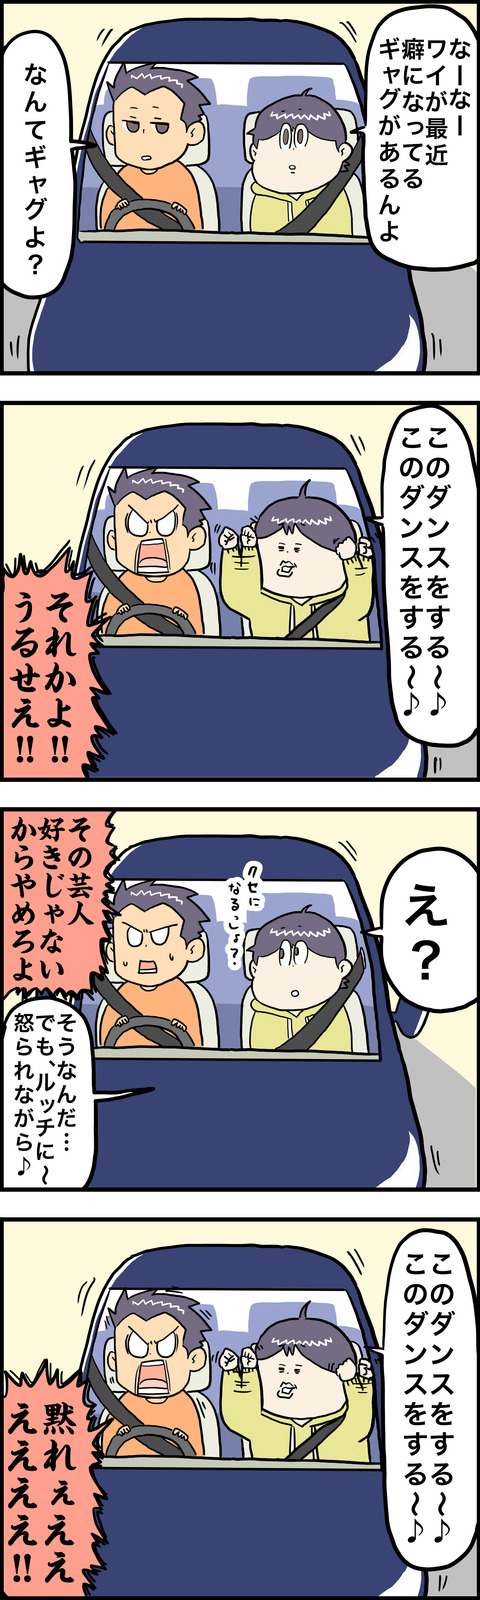 4コマ このダンス